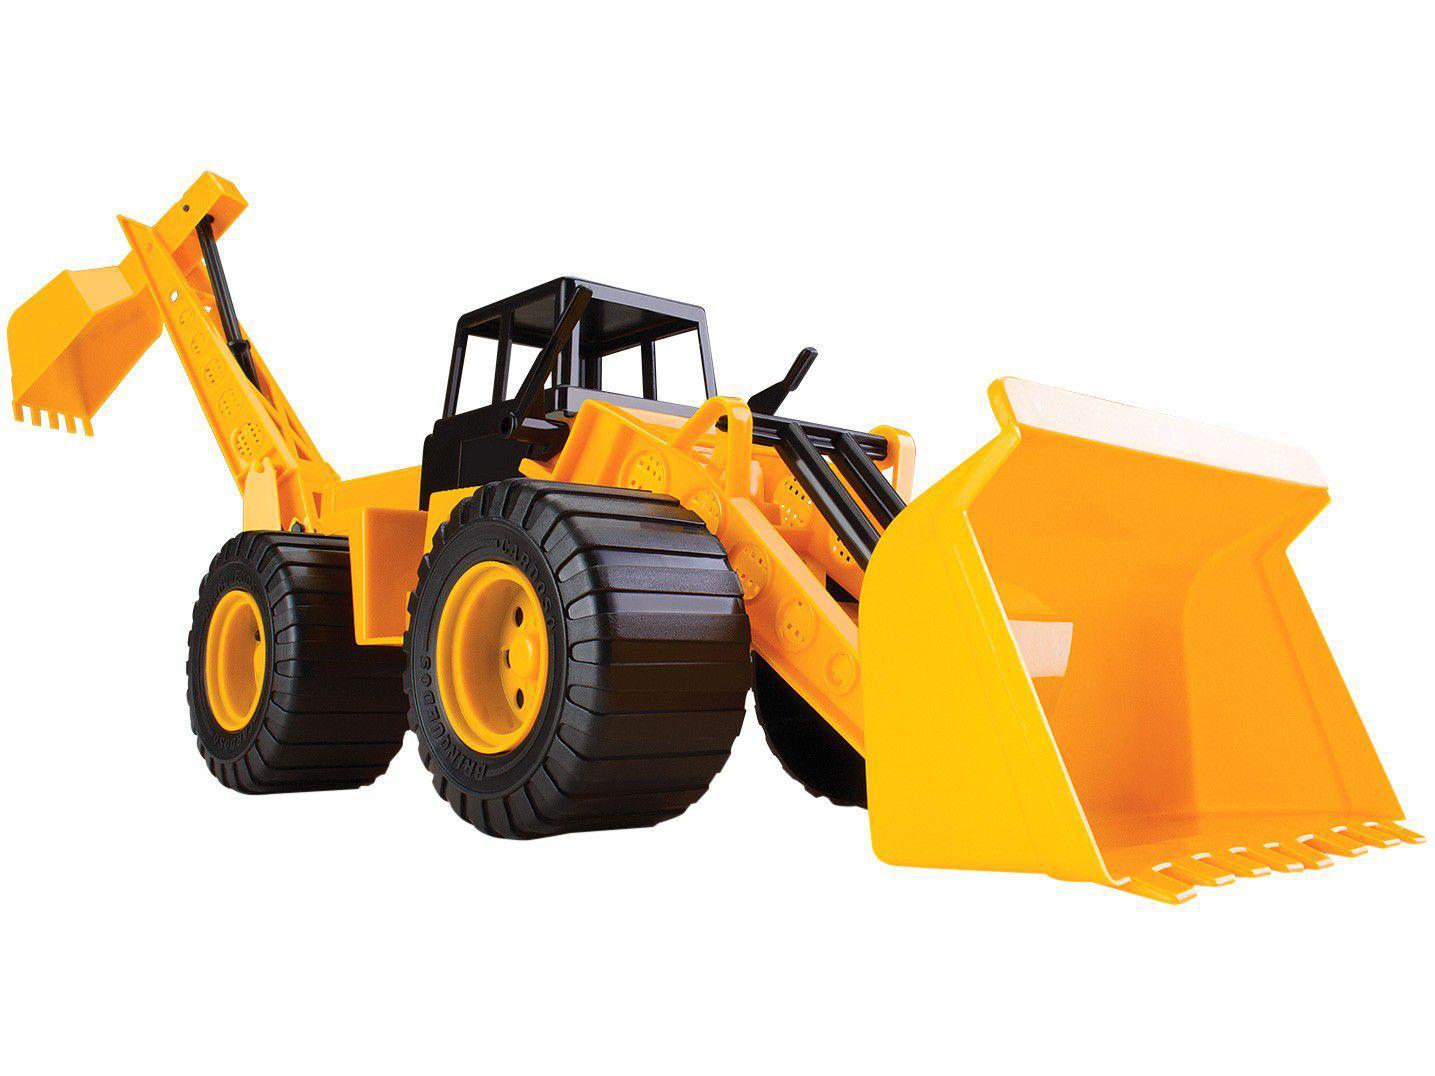 Caminhão Retroescavadeira - Brinquedos Cardoso